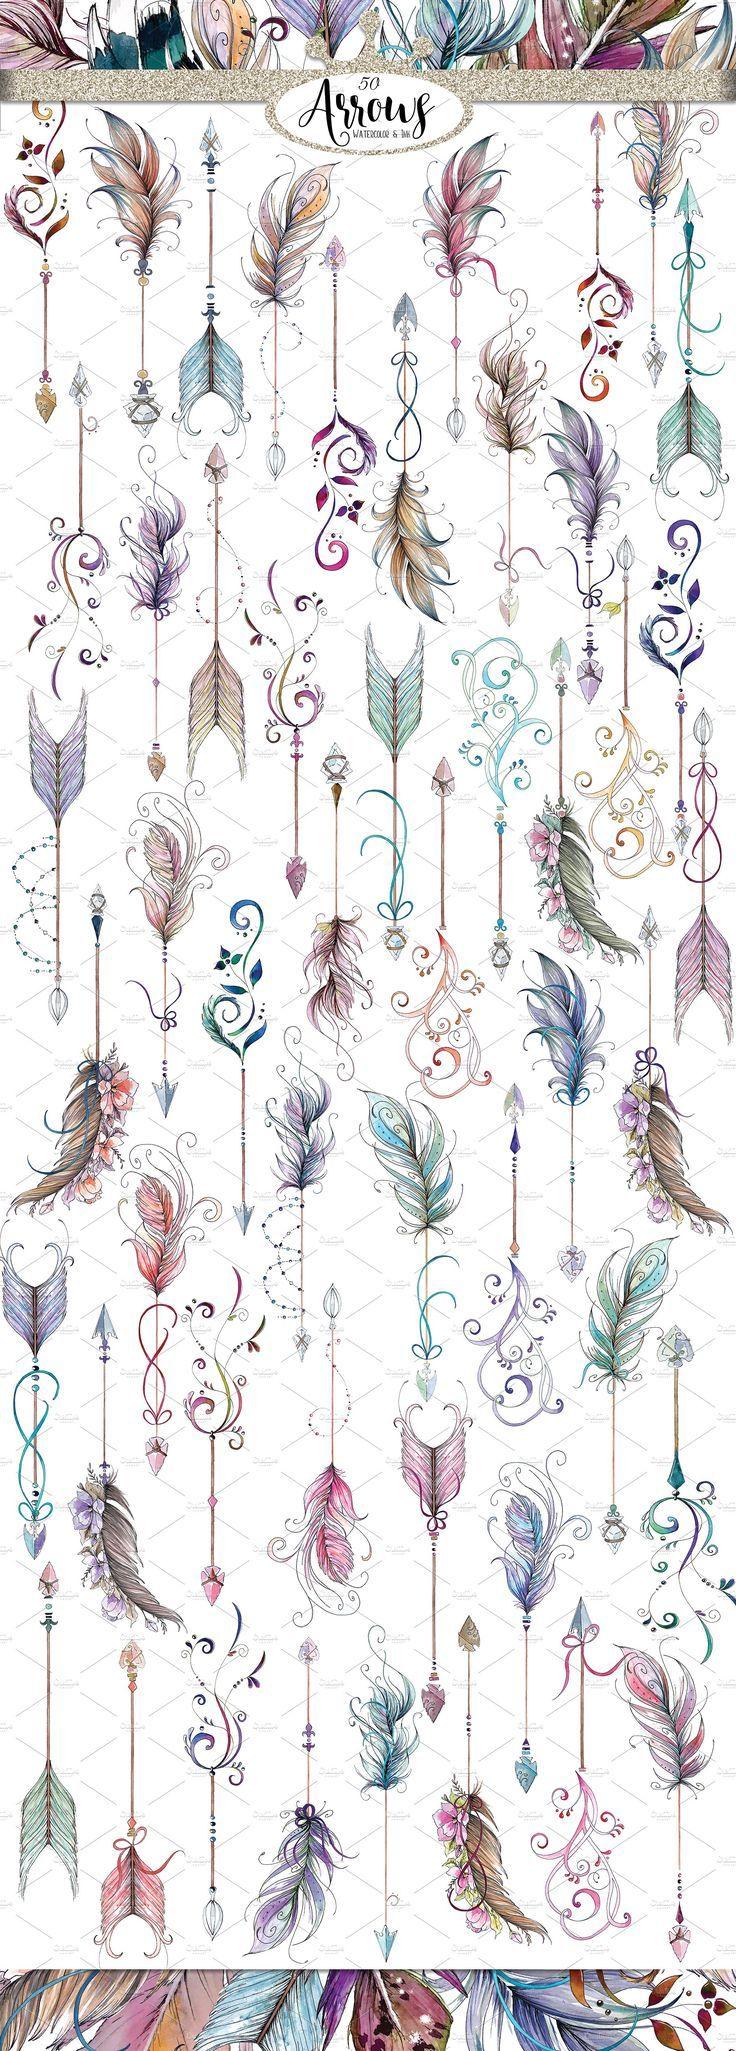 Watercolor & Ink Boho Arrows ClipArt by Empire 7 C…